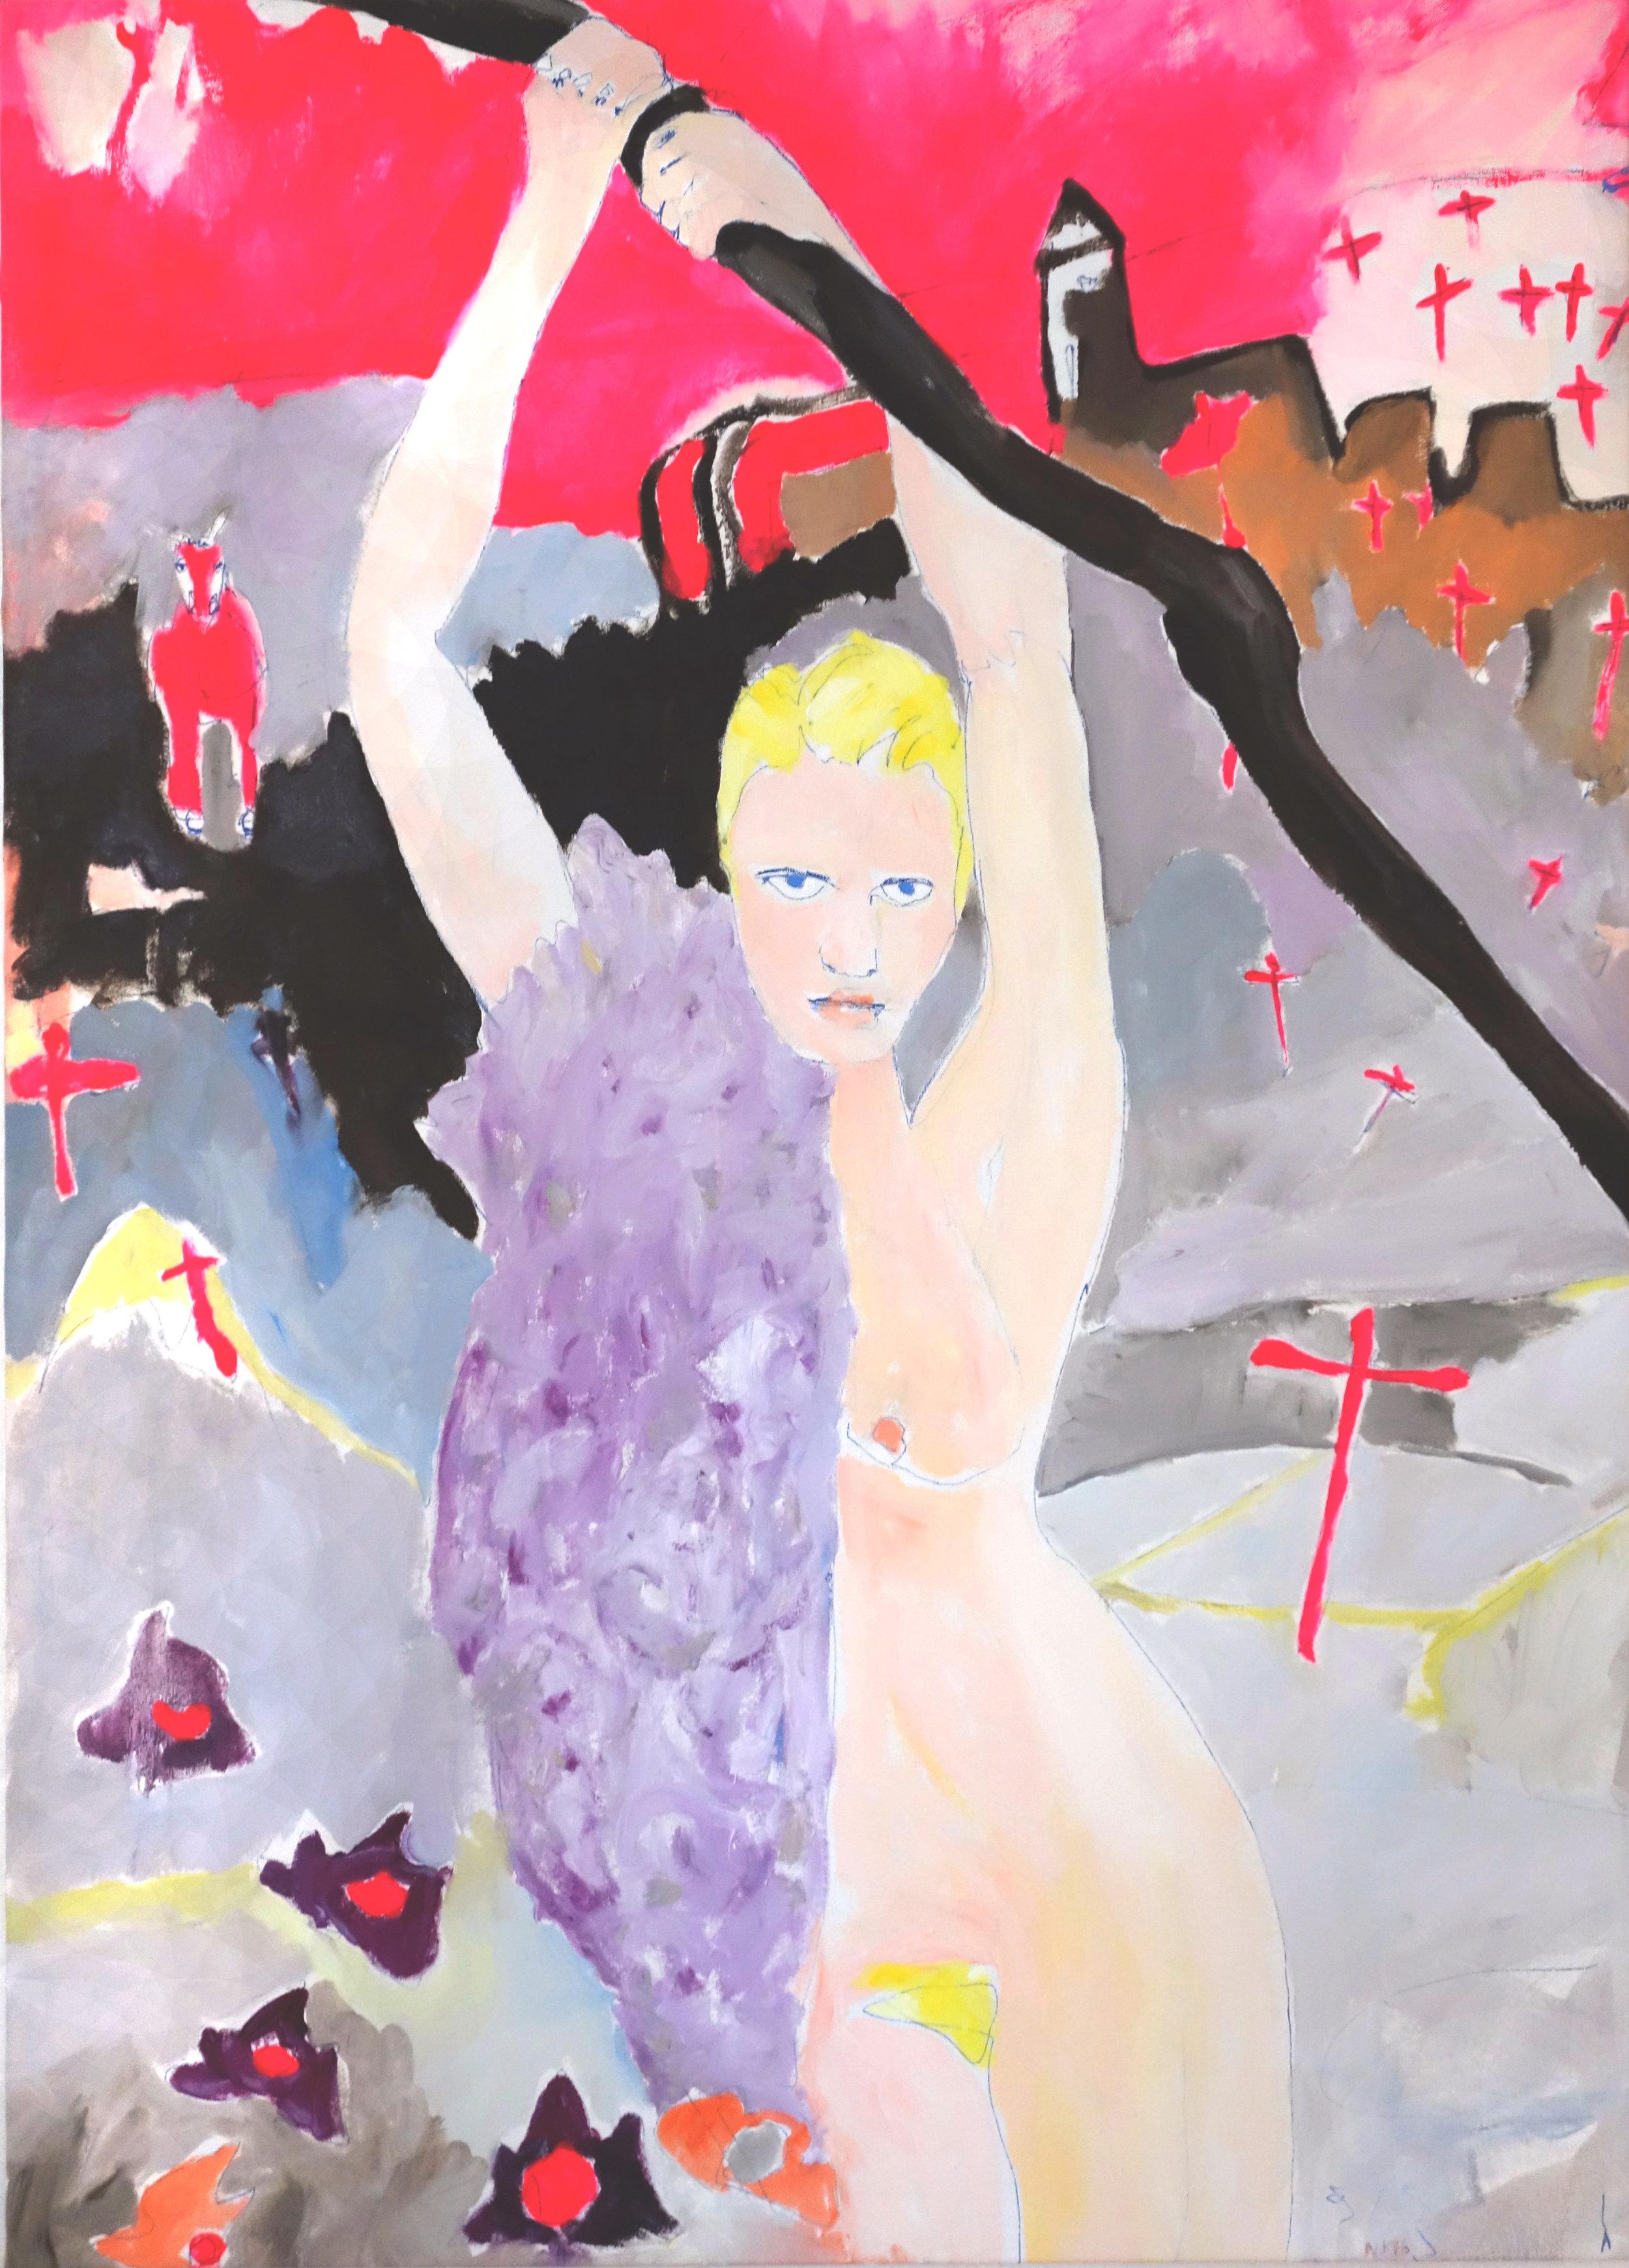 Church oil on canvas 100 x 125 cm, 2016